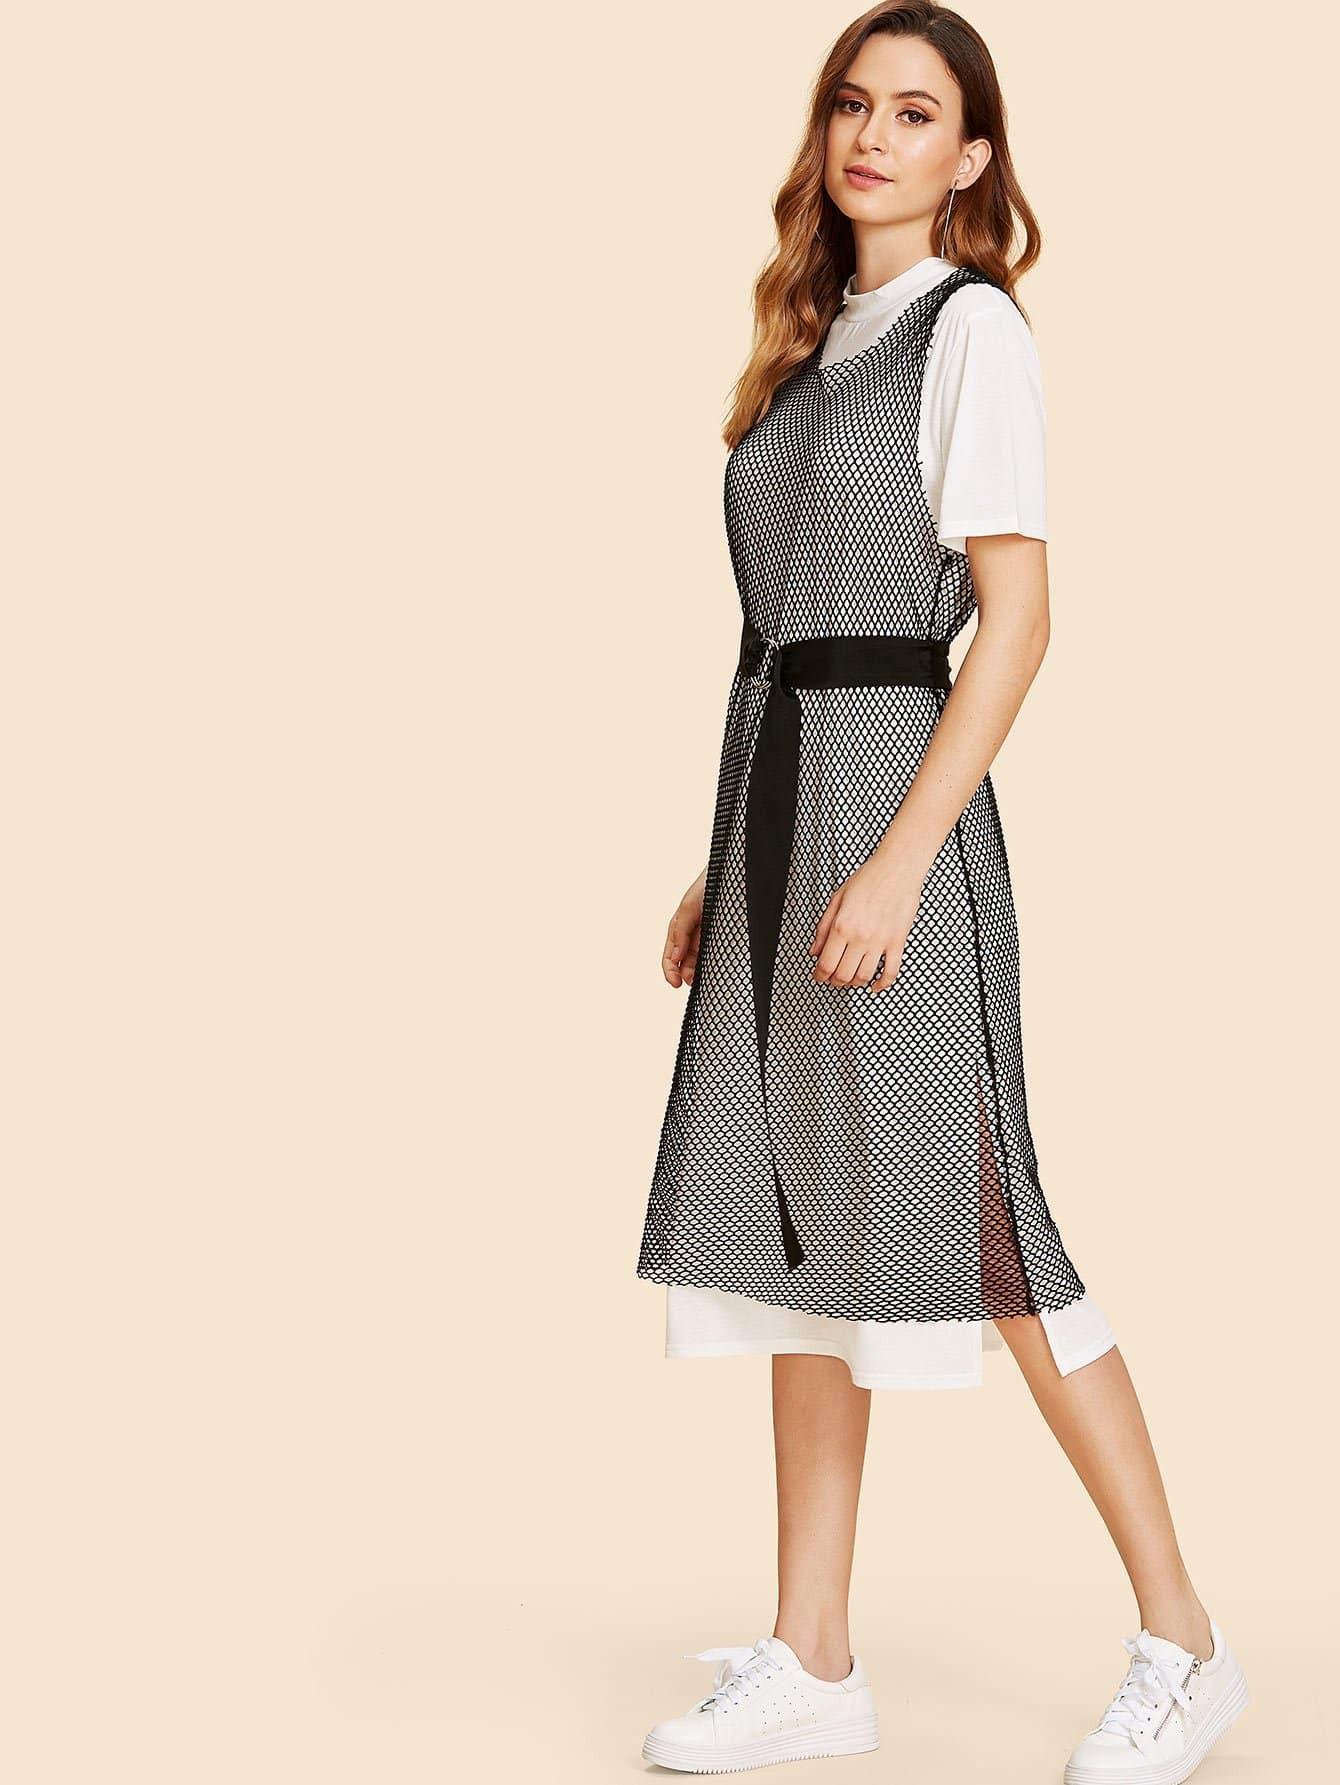 Short Sleeve Long Dress With Belt Net Dress long sleeve print maxi dress with belt